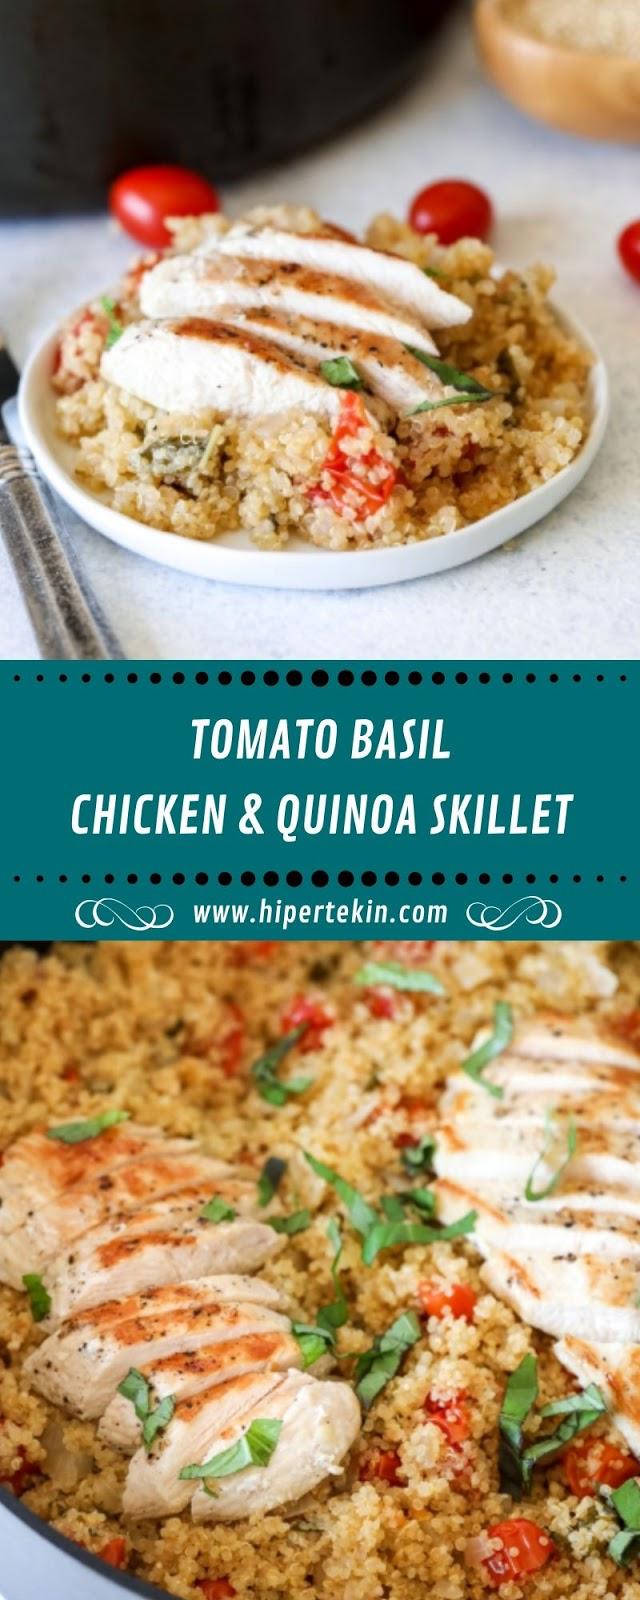 TOMATO BASIL CHICKEN & QUINOA SKILLET